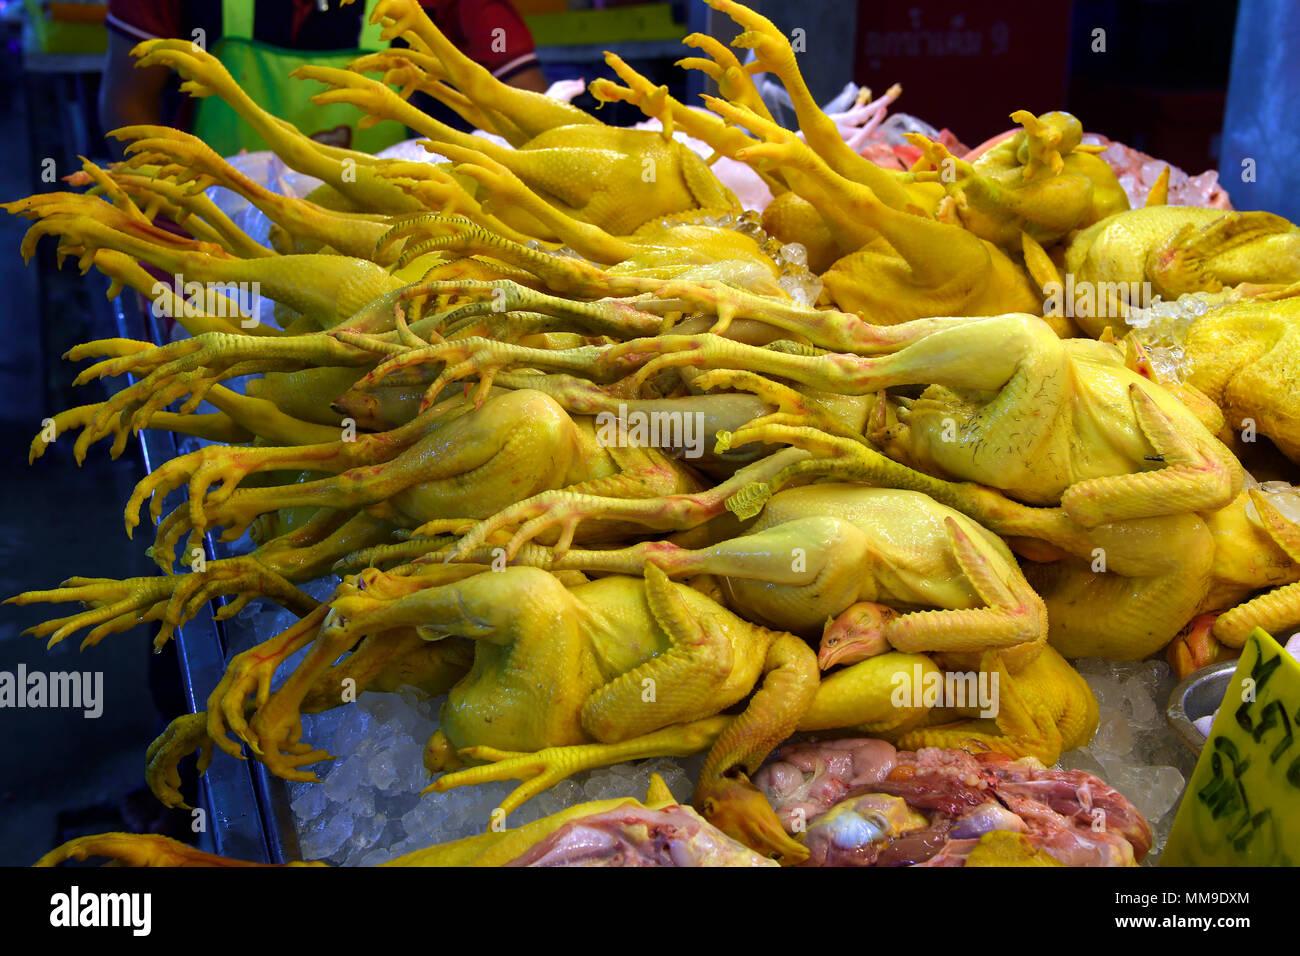 Fresh Chickens at Banzaan Fresh Market, Patong Beach, Phuket, Thailand - Stock Image